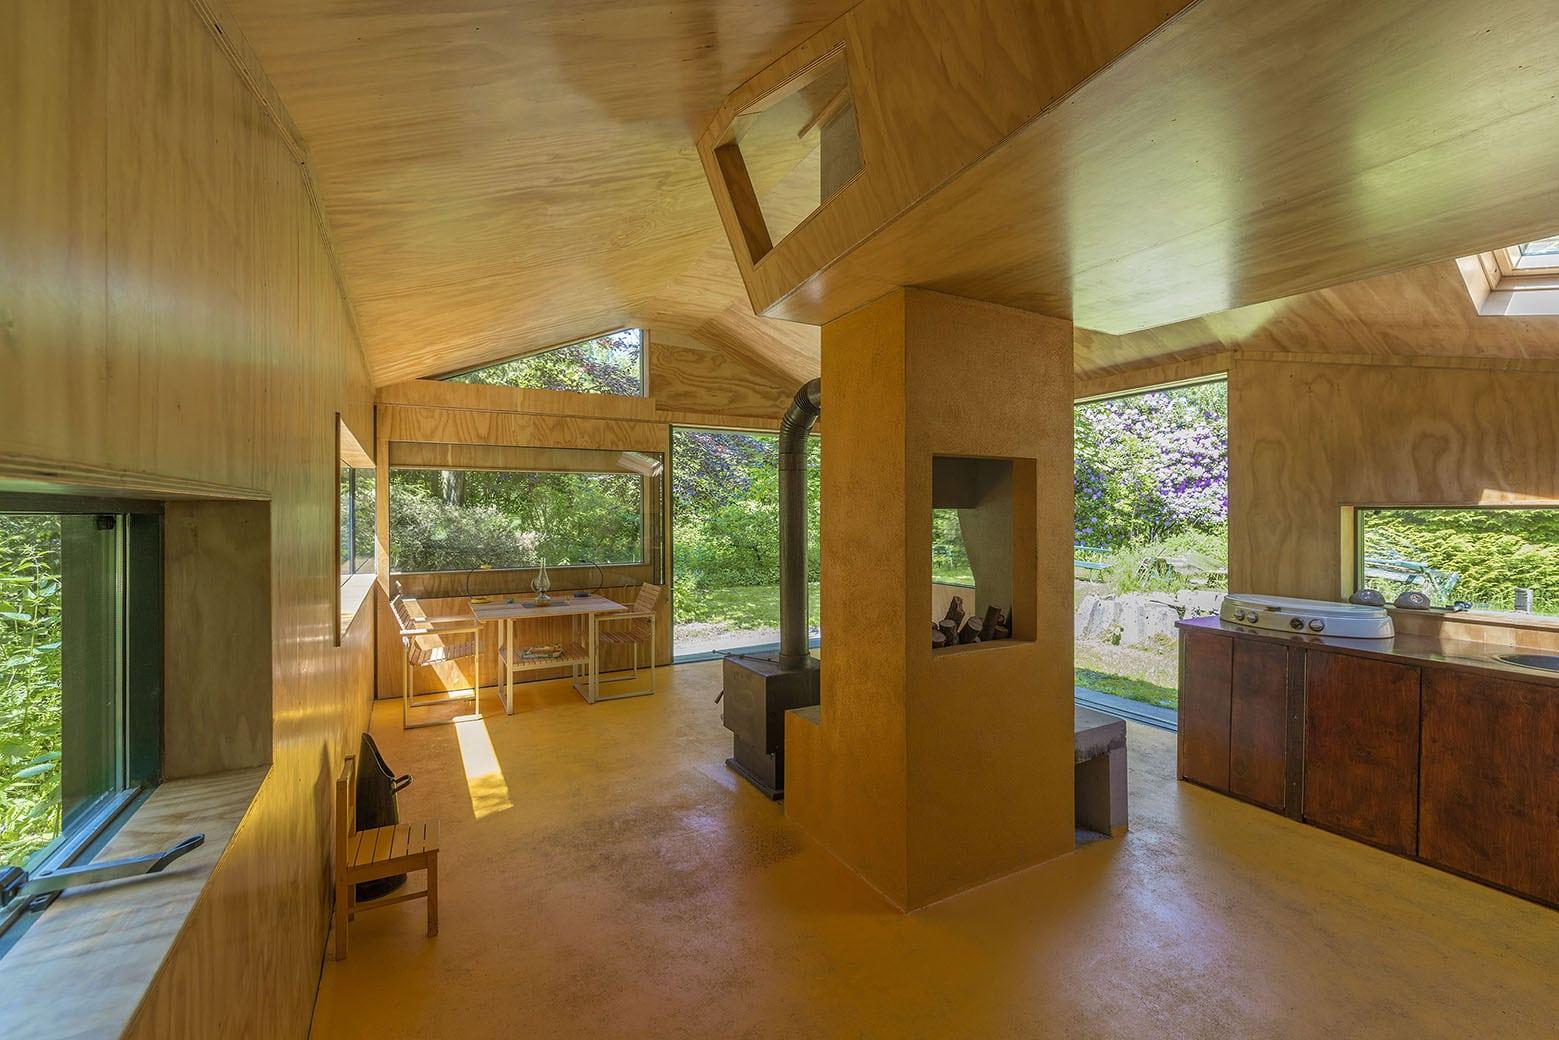 Dise o de caba a peque a de 35 metros cuadrados for Interior de la casa de madera moderna